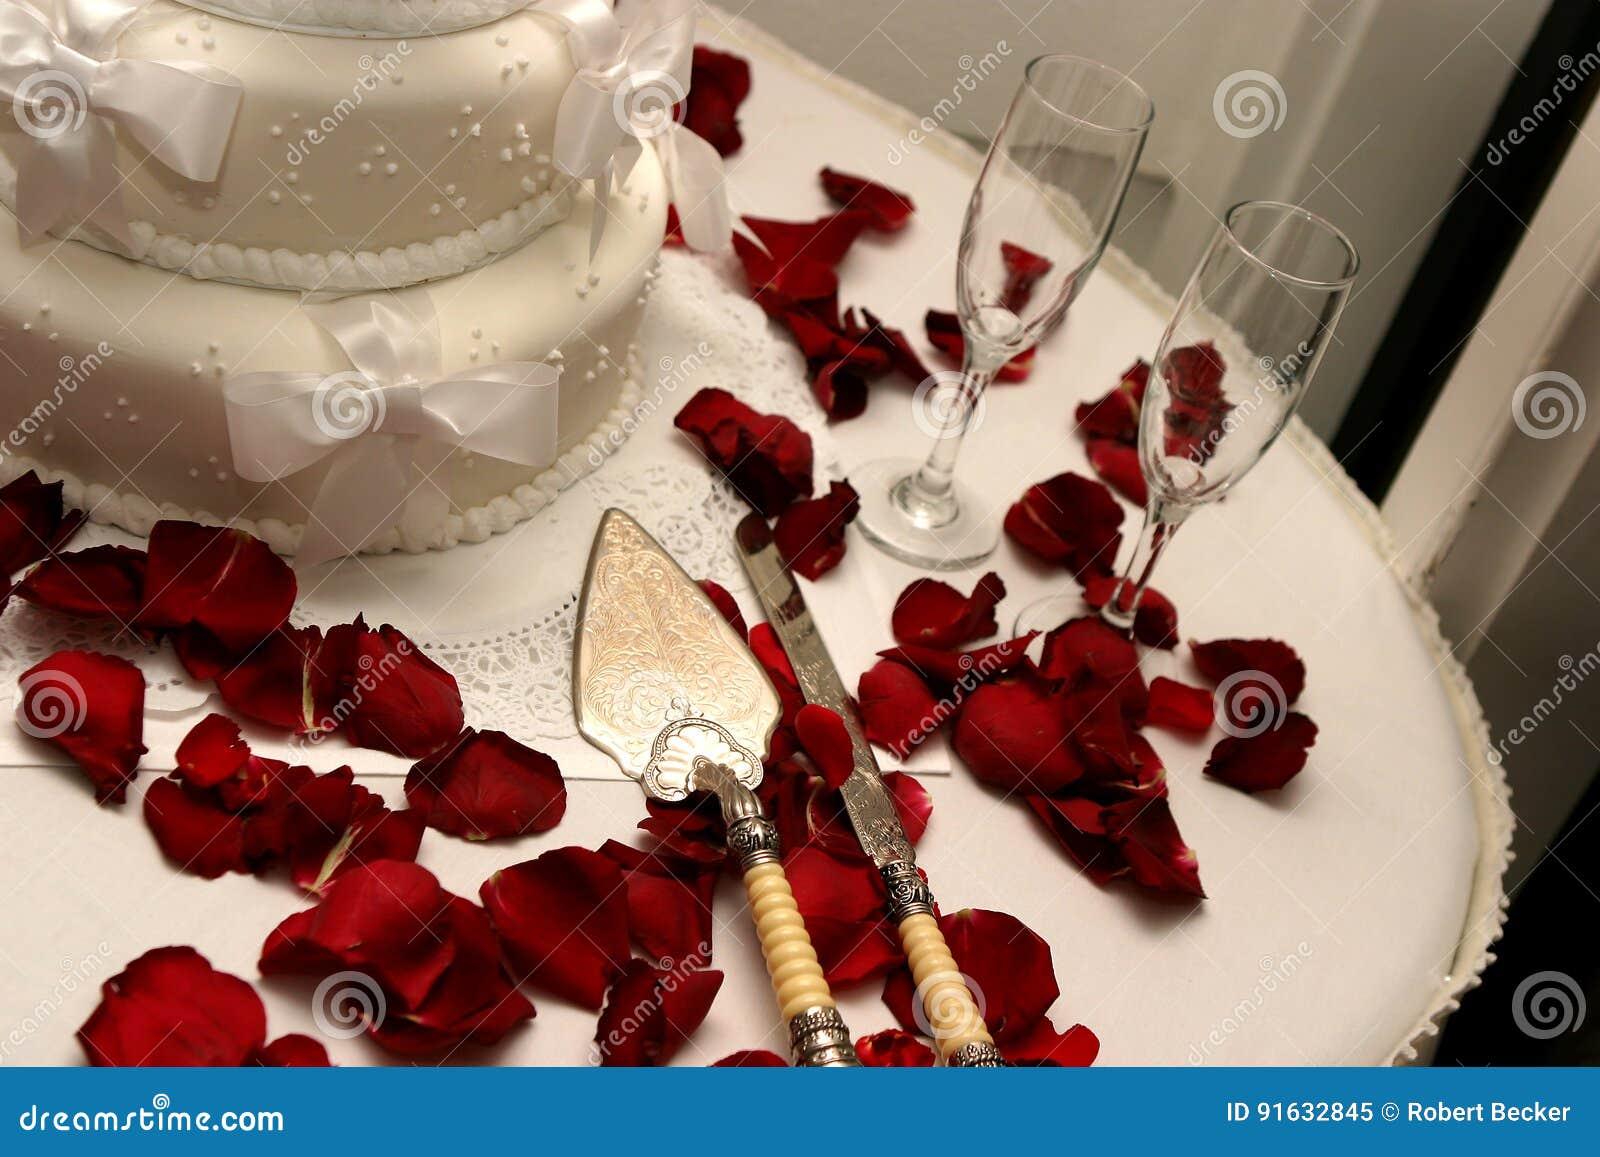 Rote Rosen Der Weissen Hochzeitstorte Stockbild Bild Von Rosen